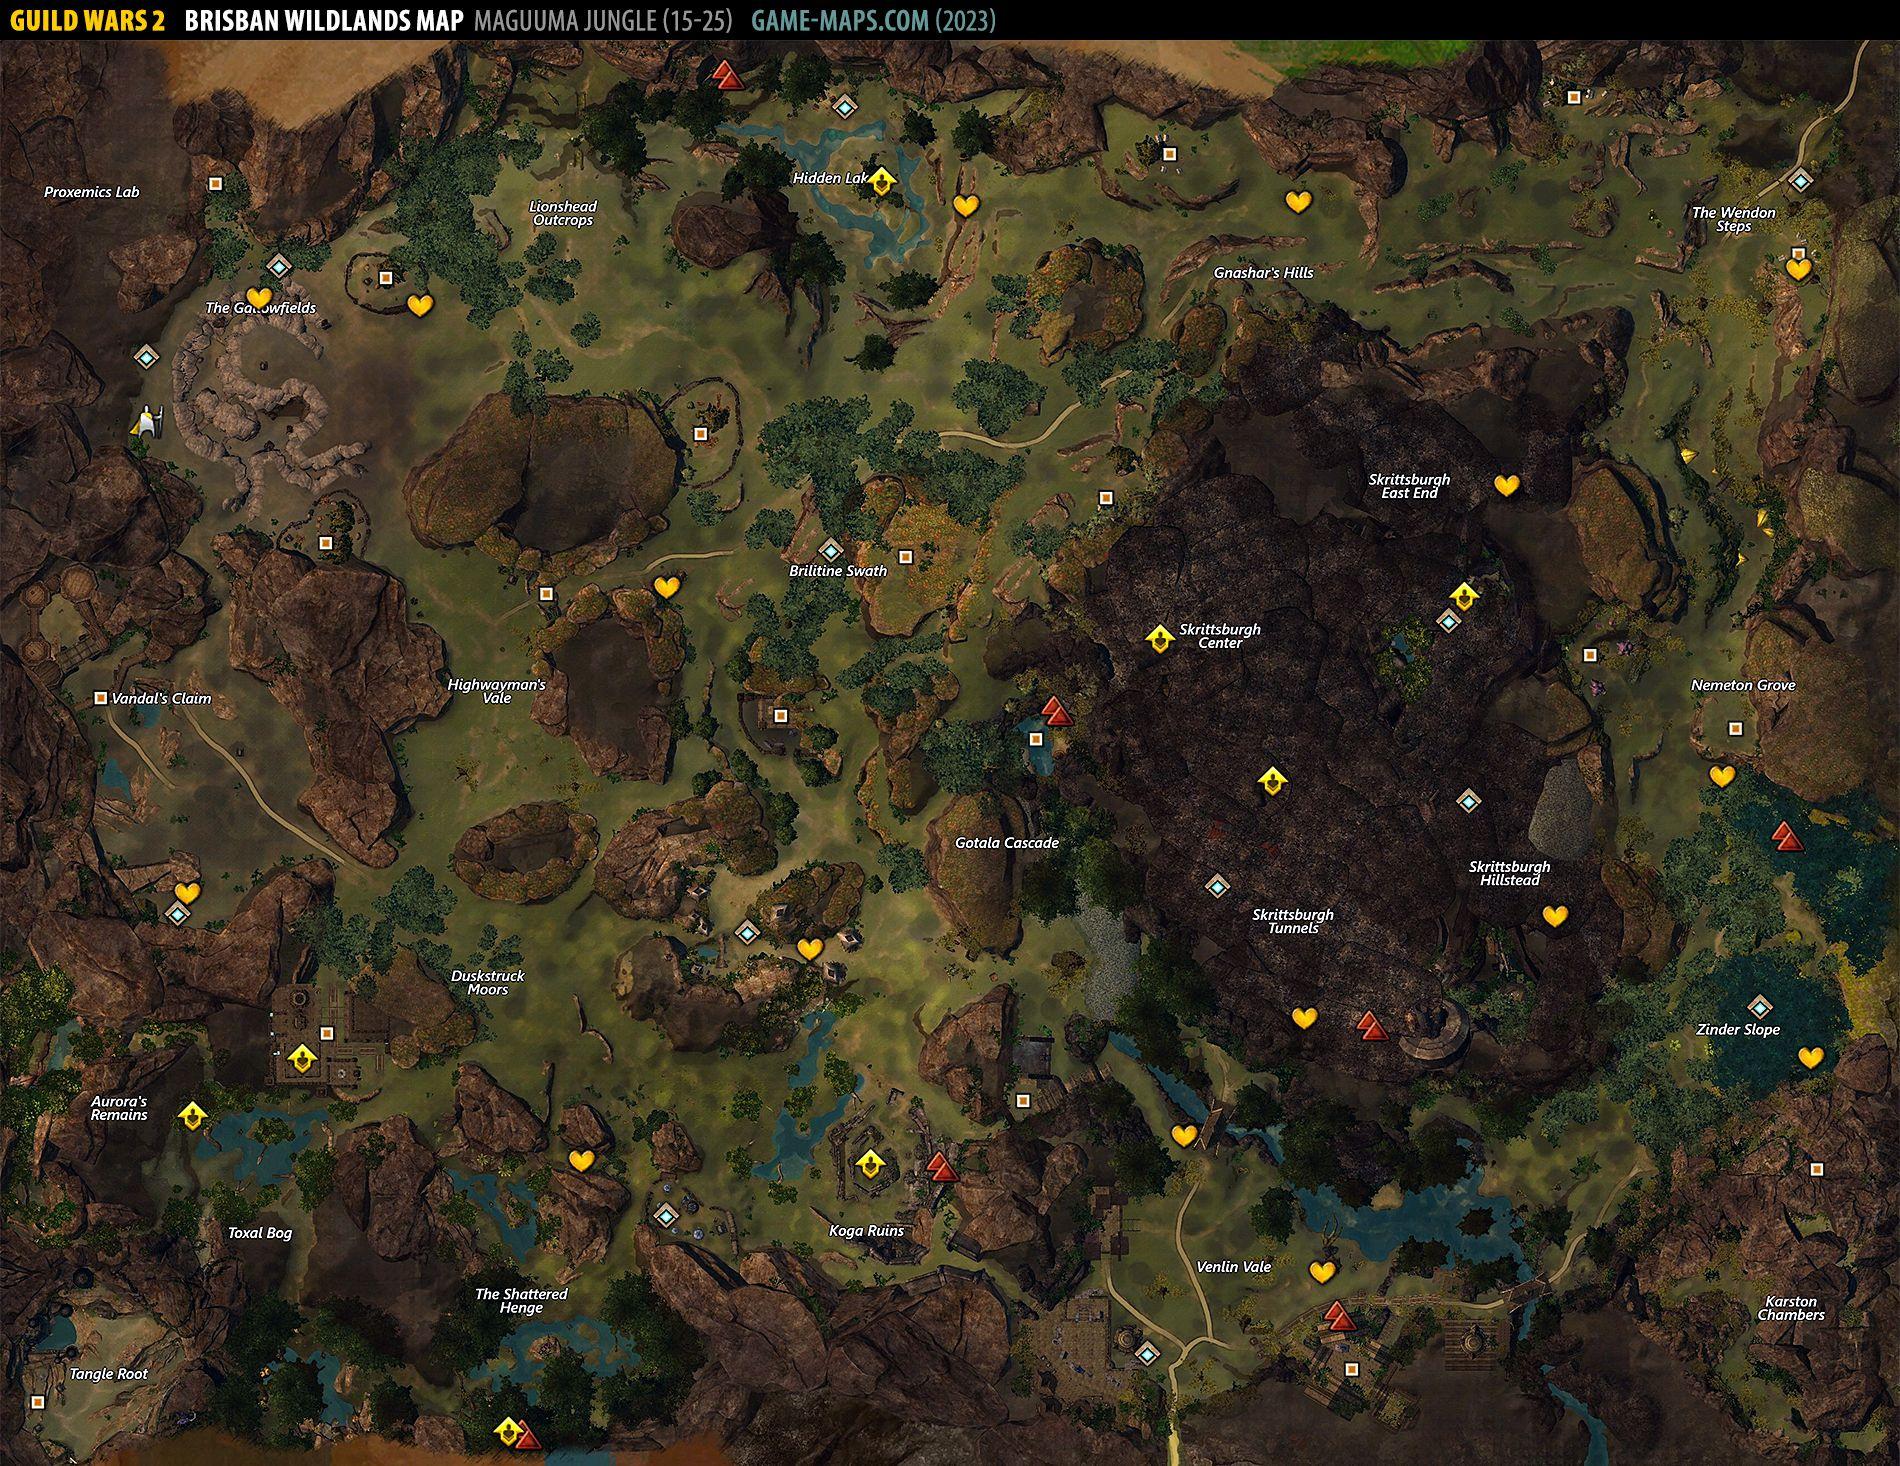 Brisban Wildlands Map Guild Wars 2